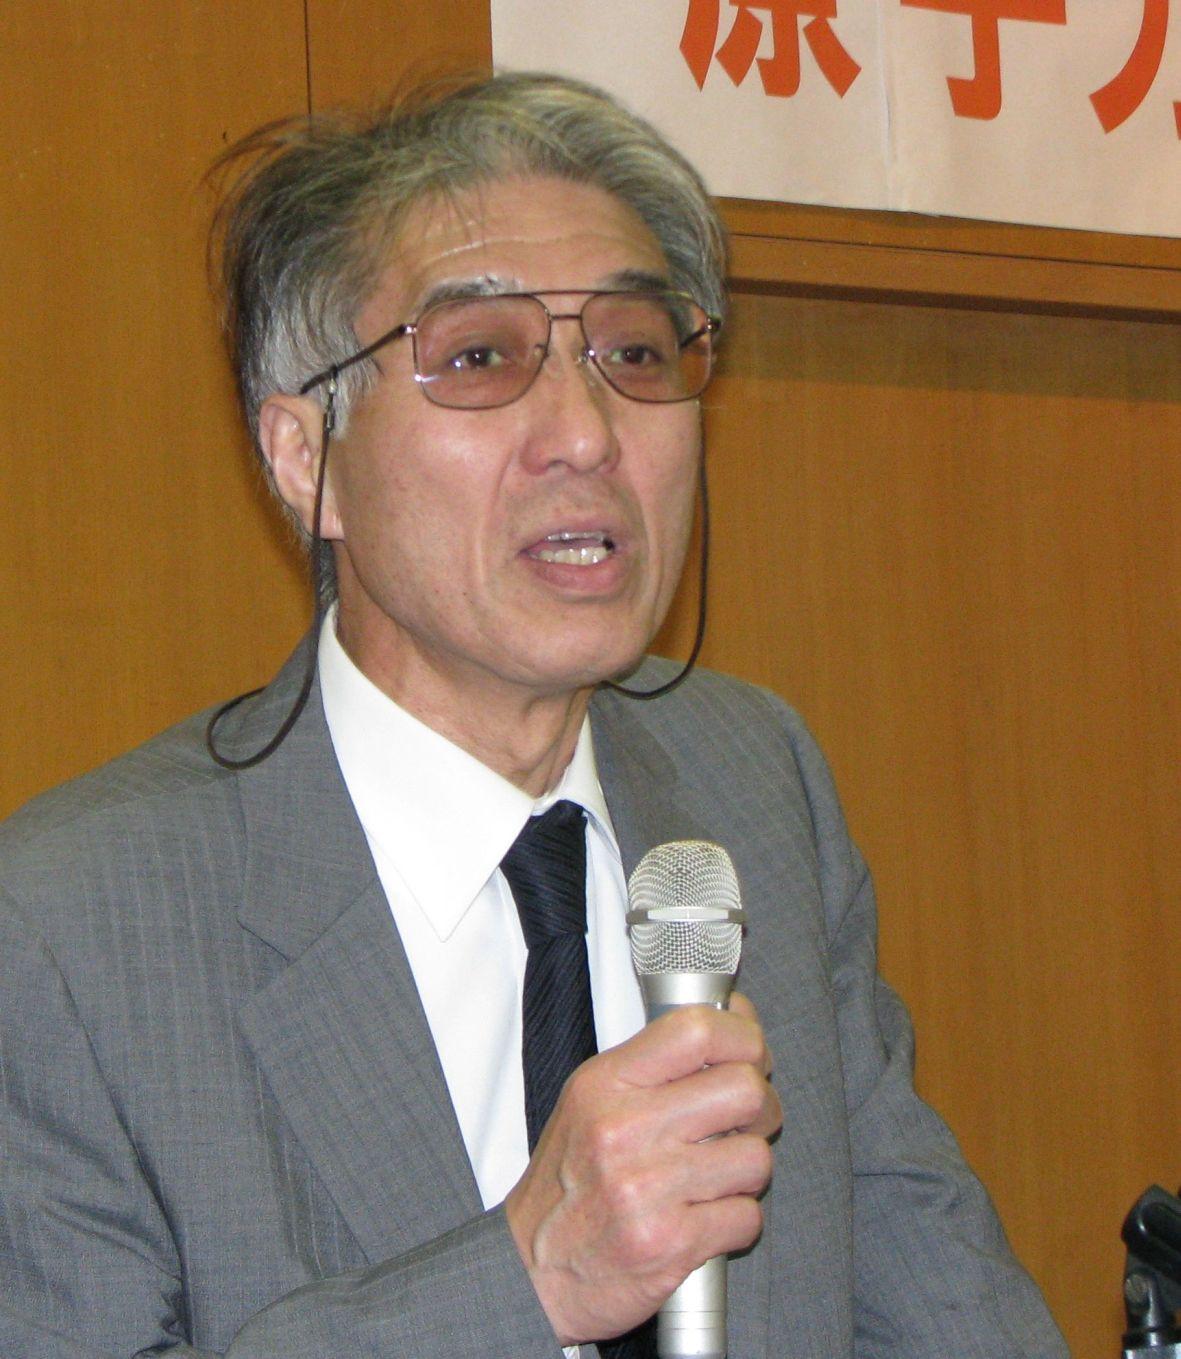 小出裕章氏 本日この講演を主催されたのは奈良反核医師の会、と言う核兵器に反対されて... 小出先